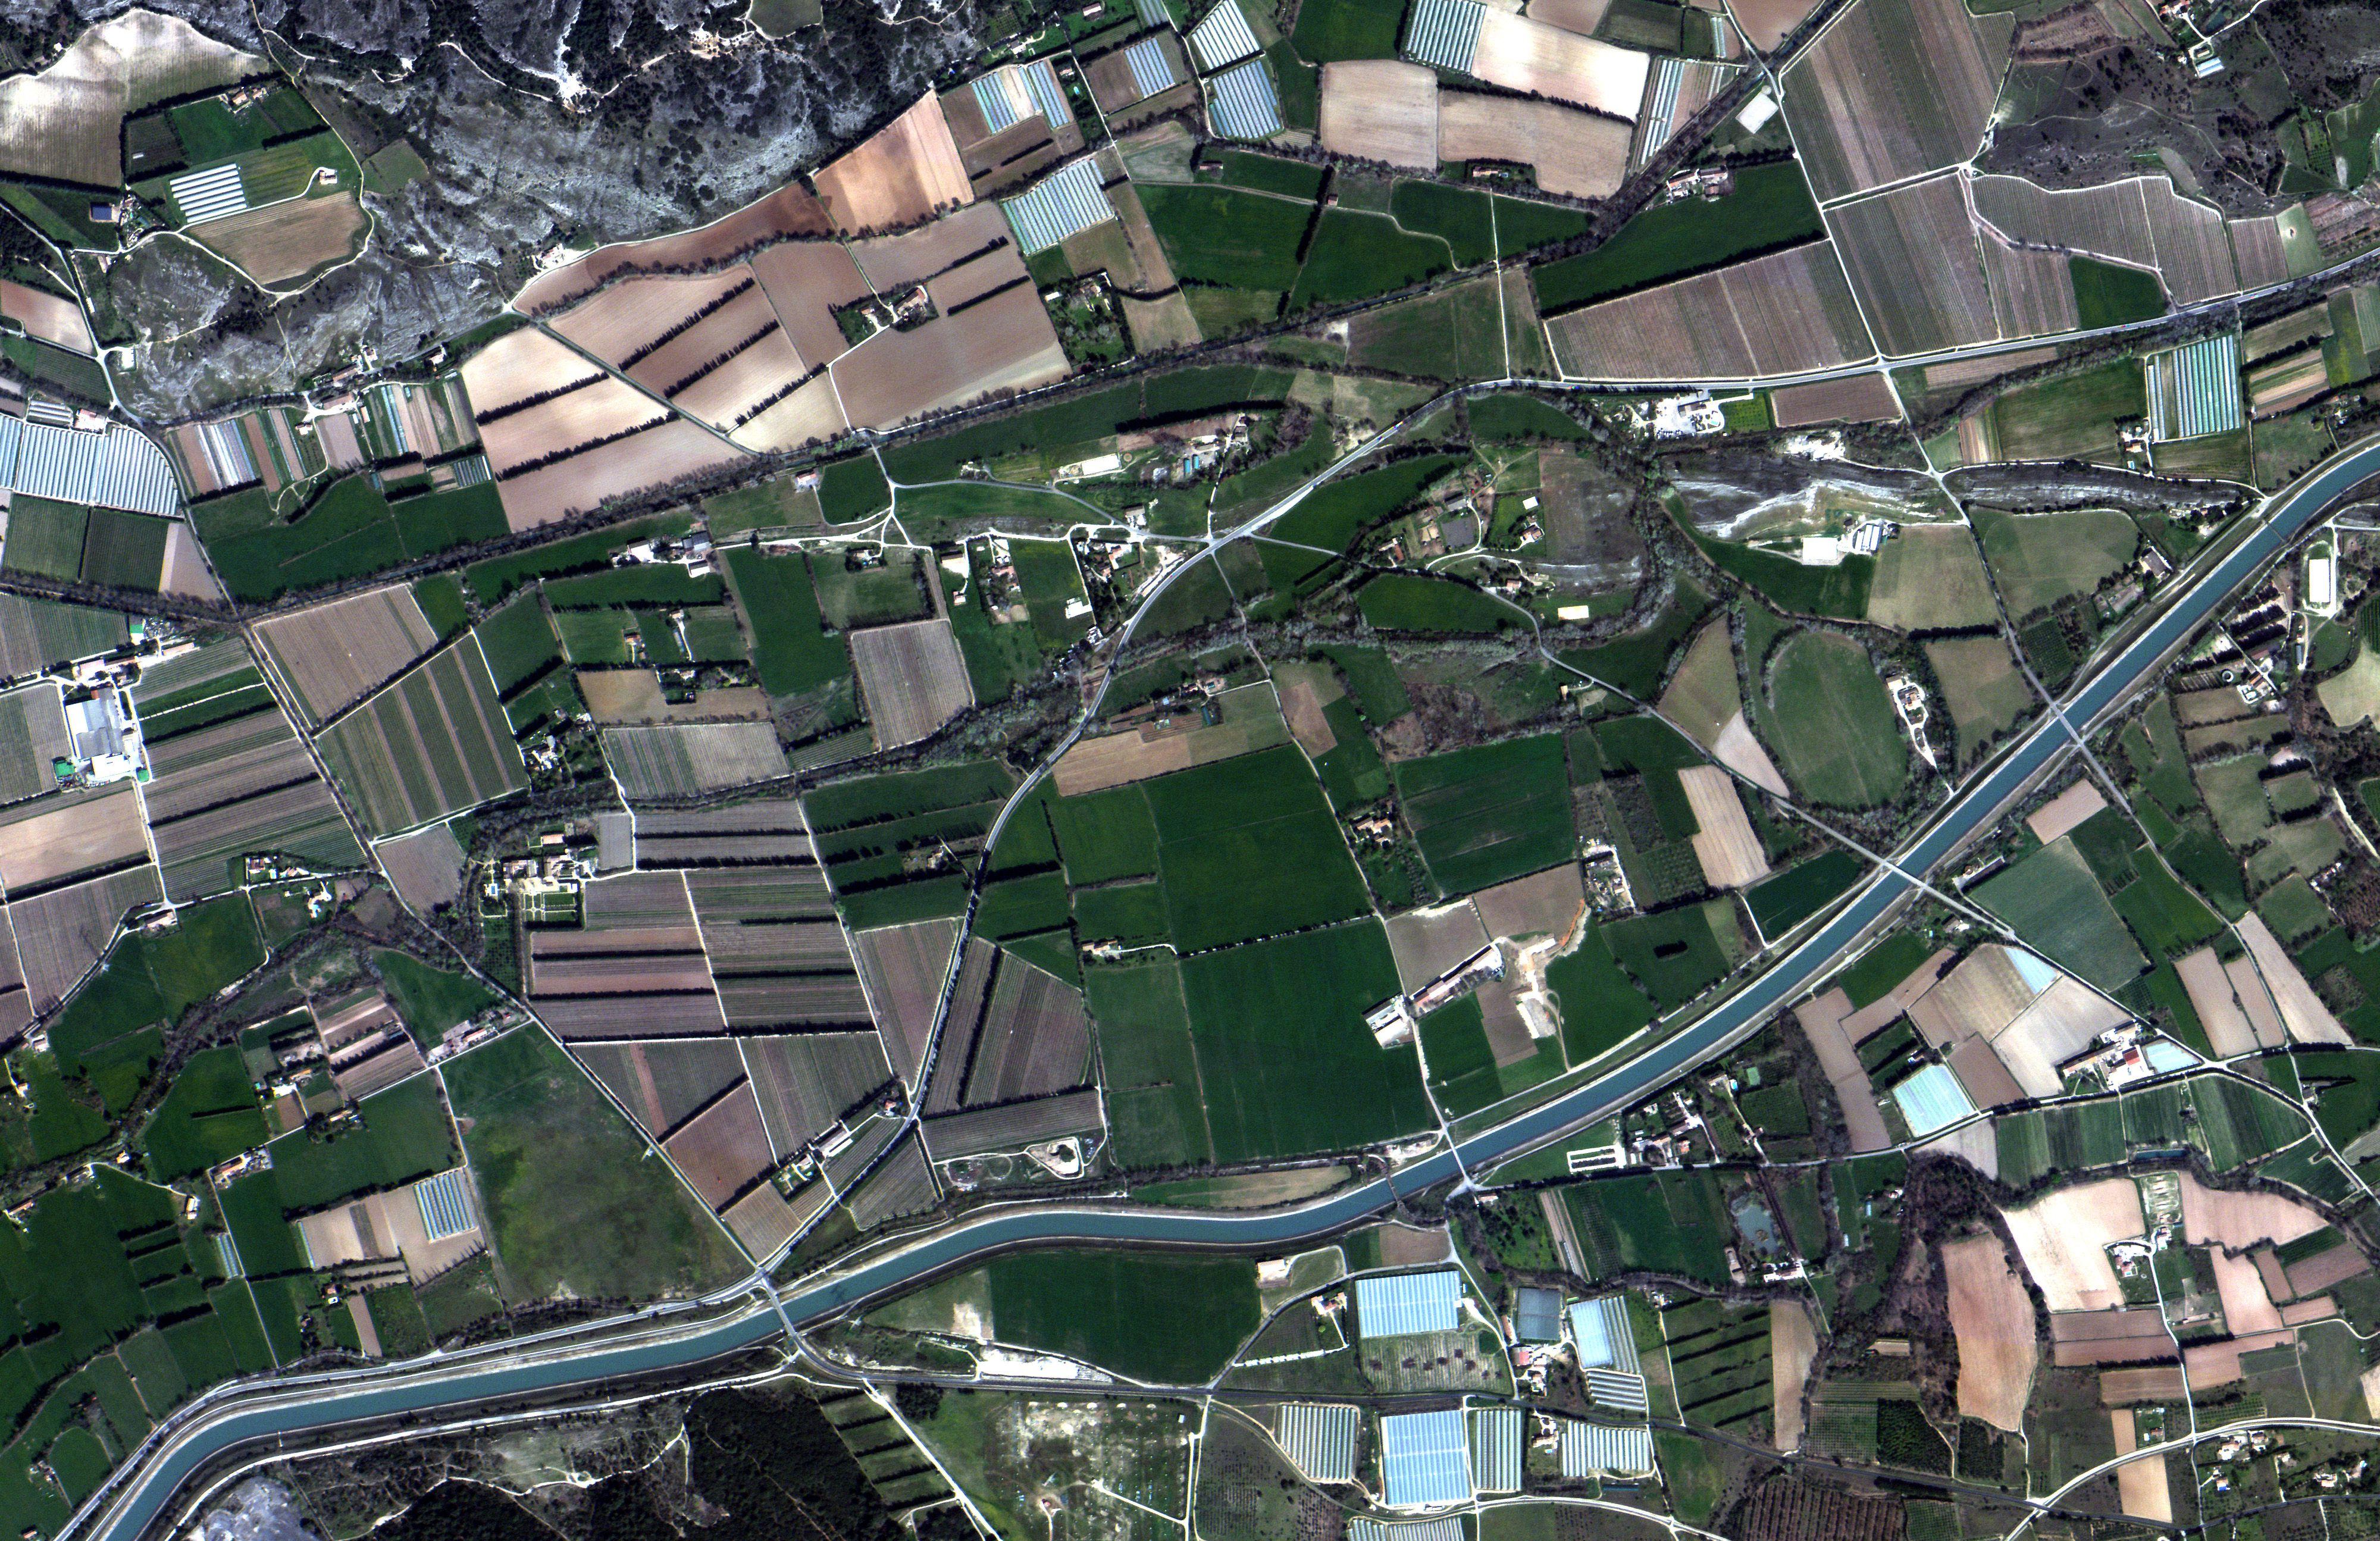 Imagen de Lamanon, Francia tomada con satélites de Satellogic